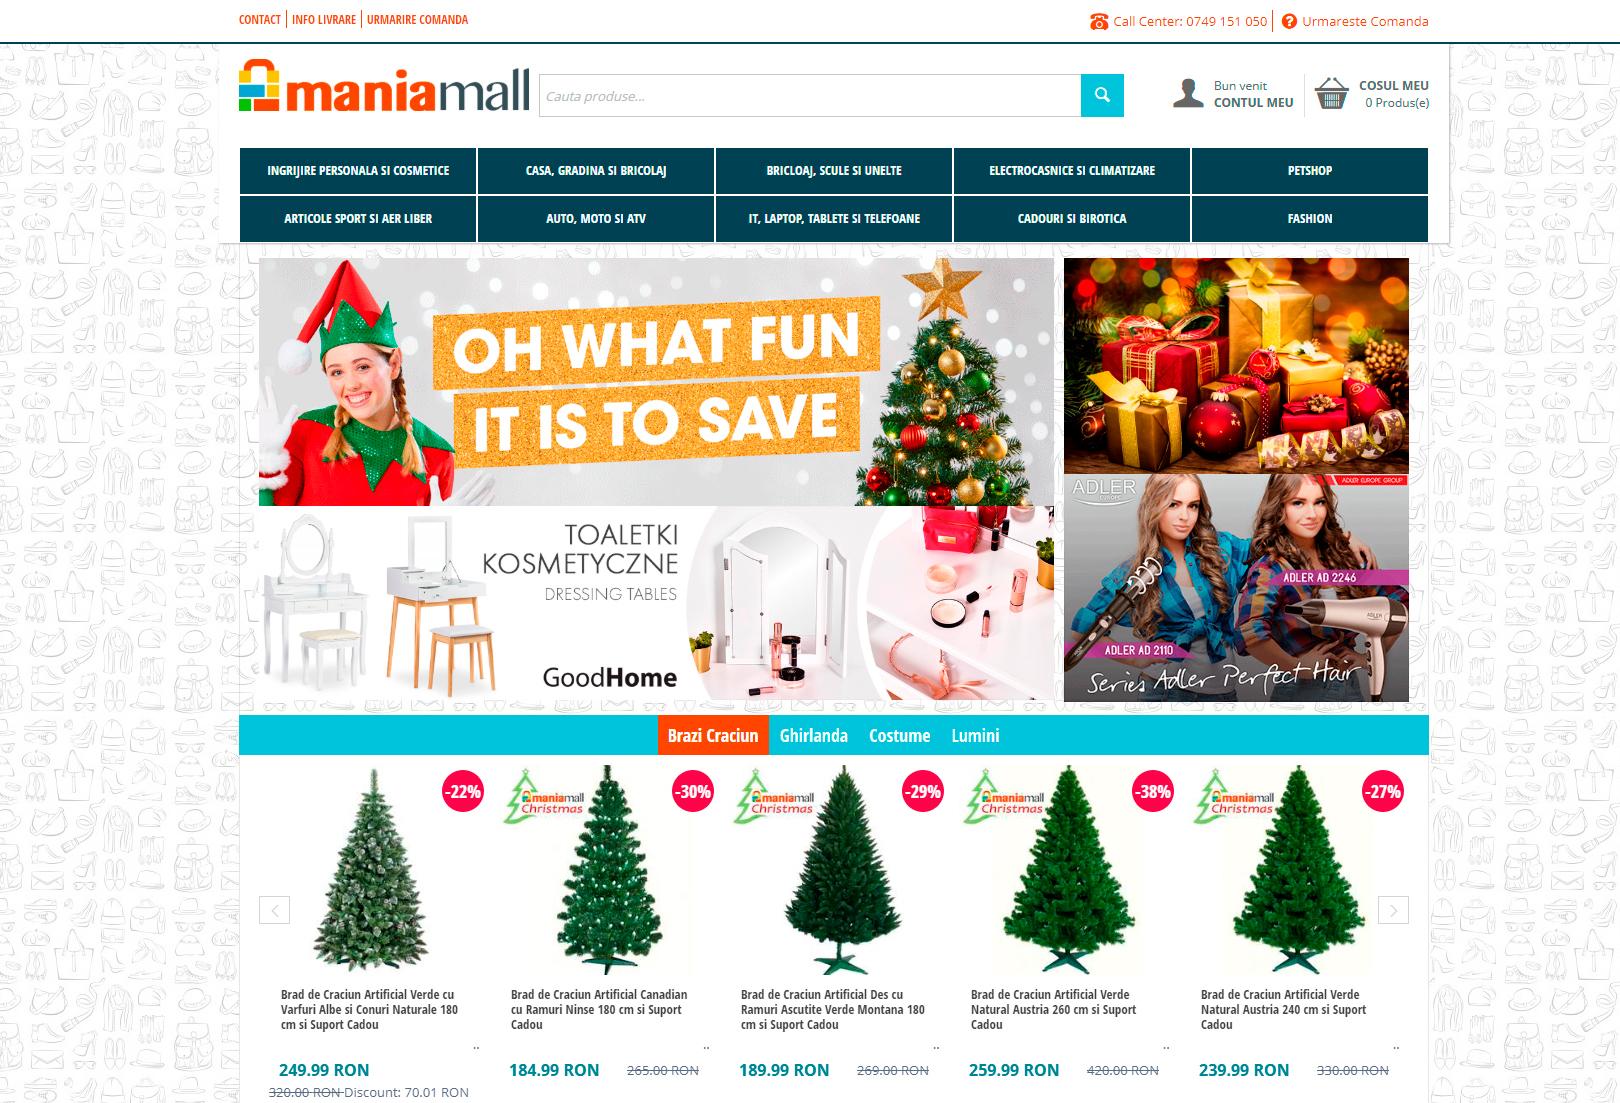 maniamall